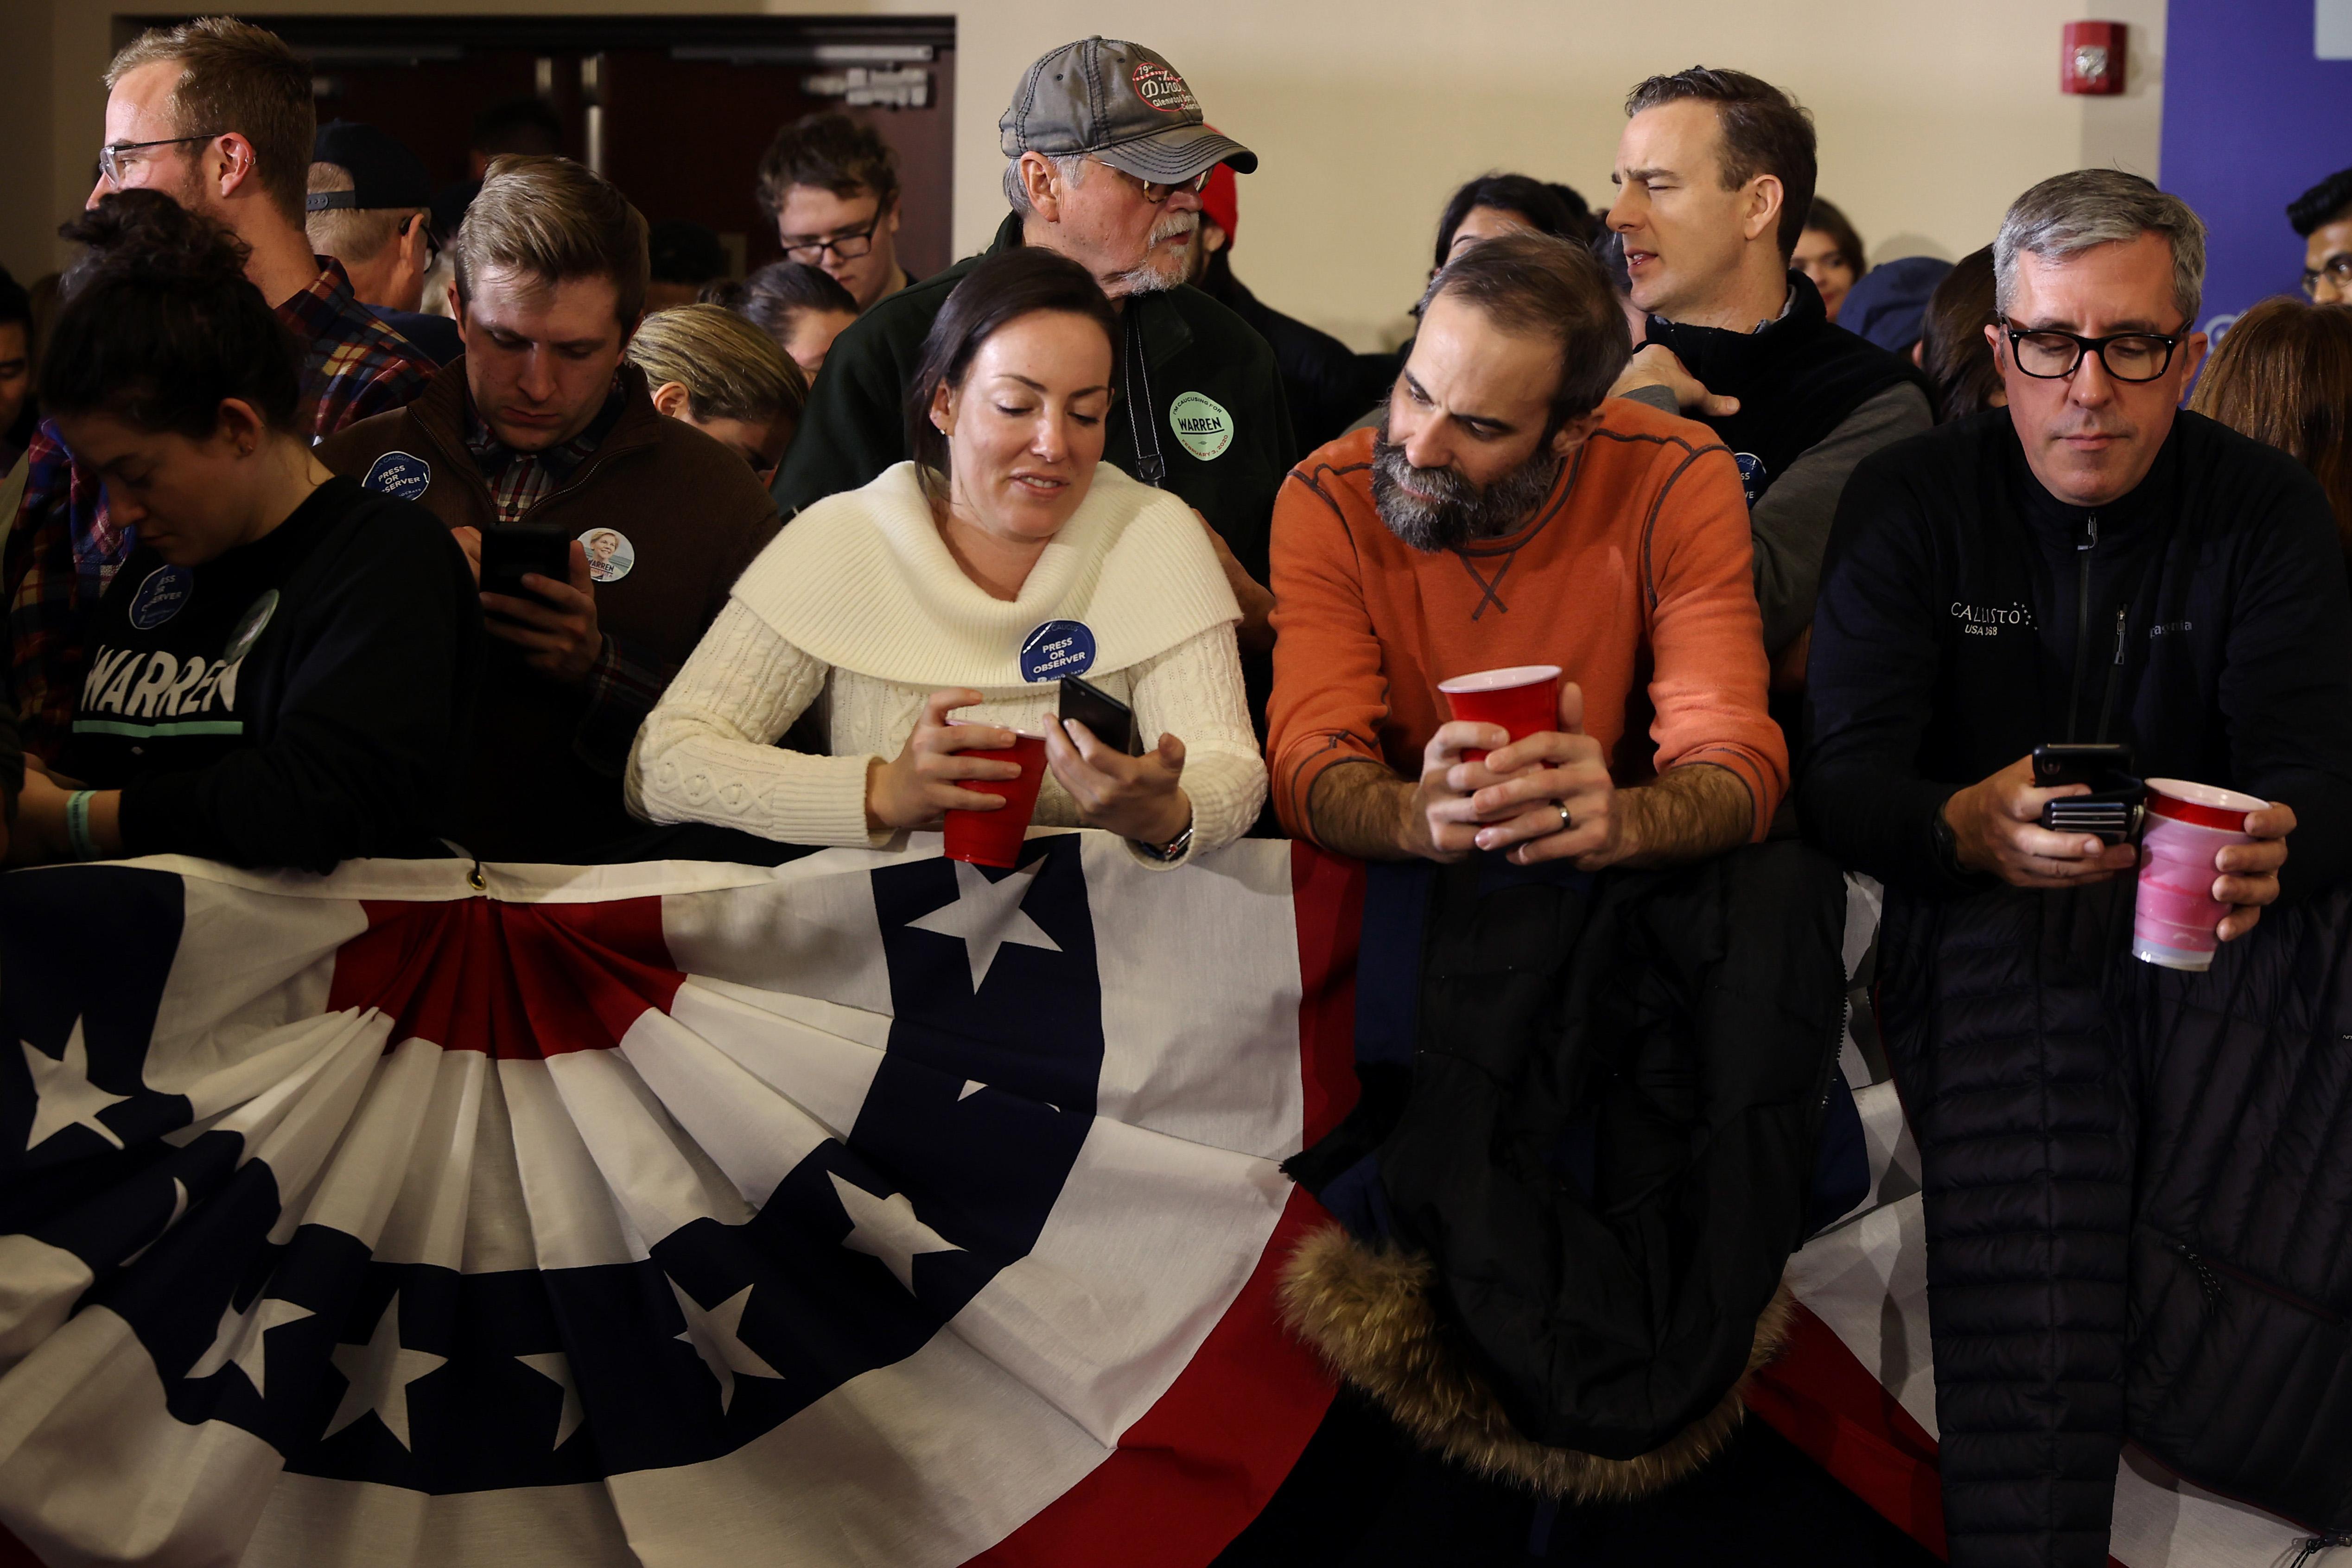 Sen. Elizabeth Warren Holds Caucus Night Watch Party In Iowa